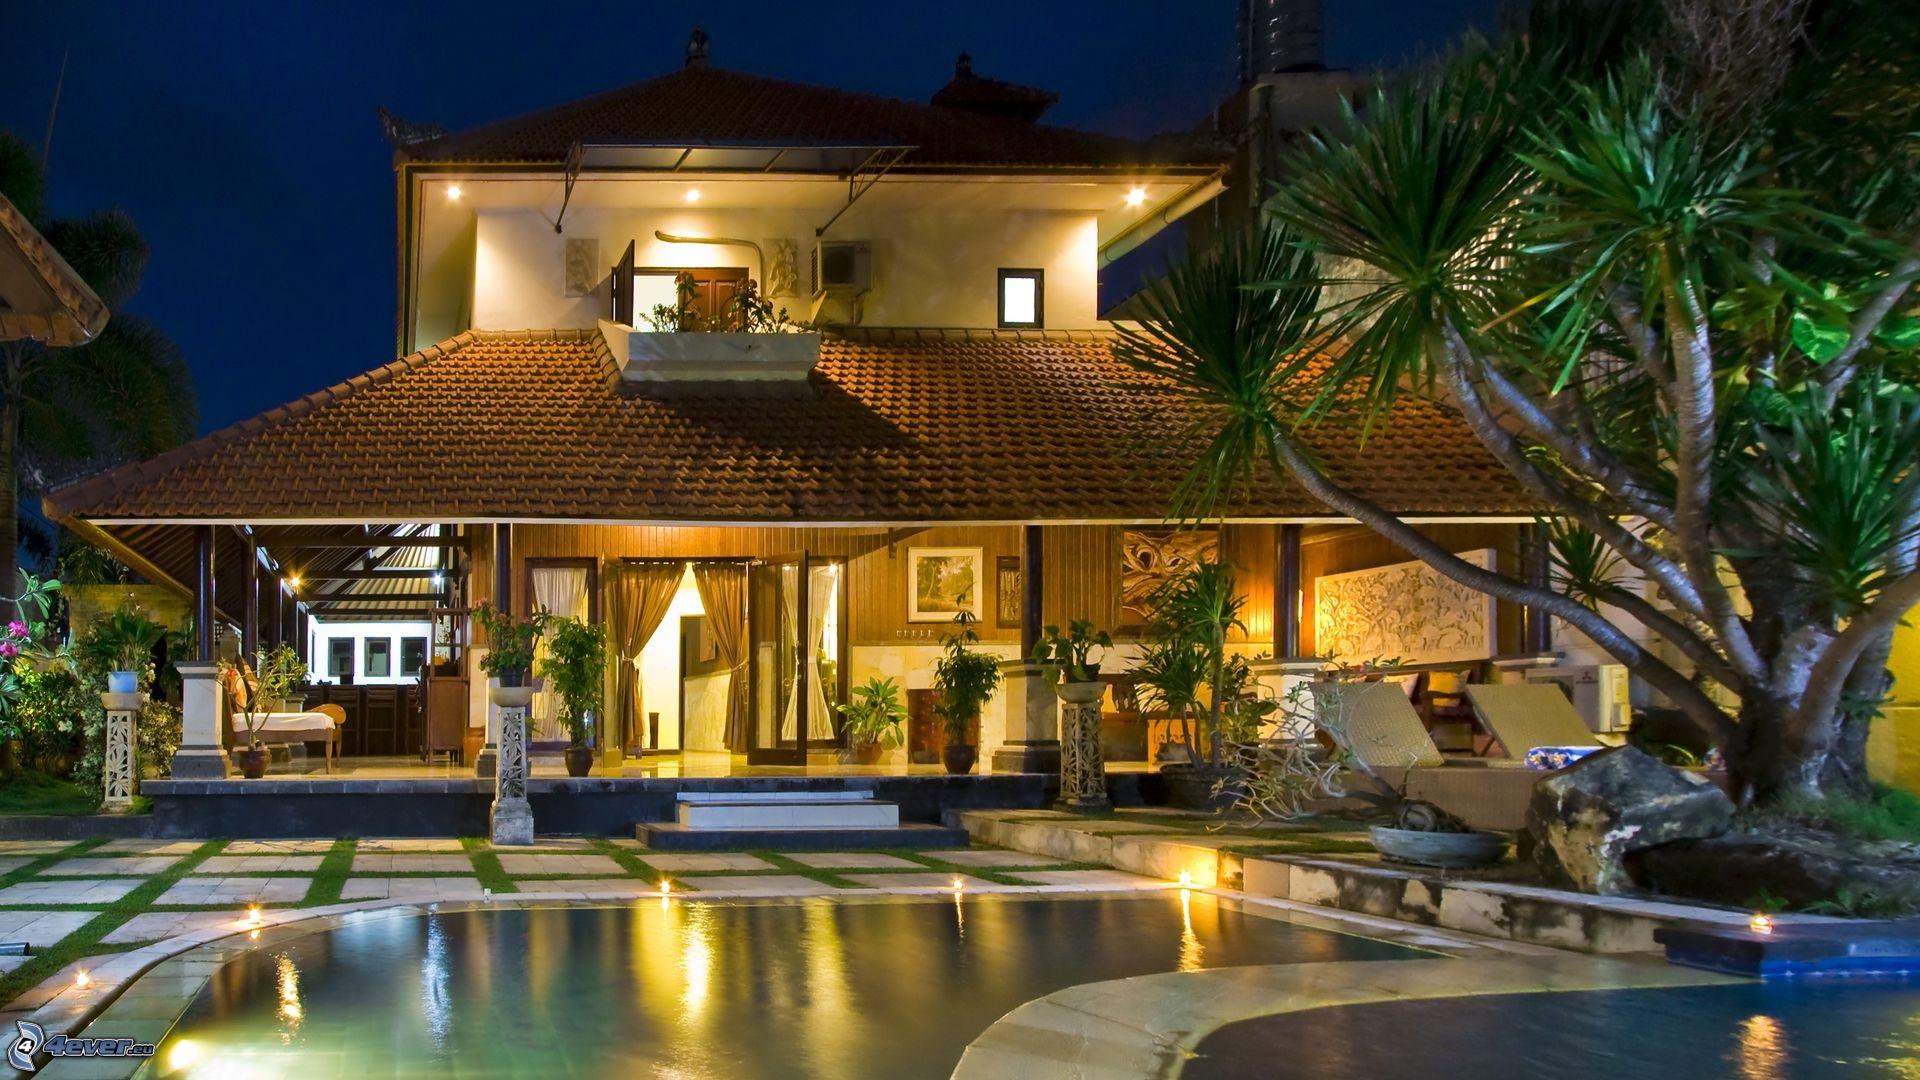 Très villa,-pool-161935.jpg EJ06